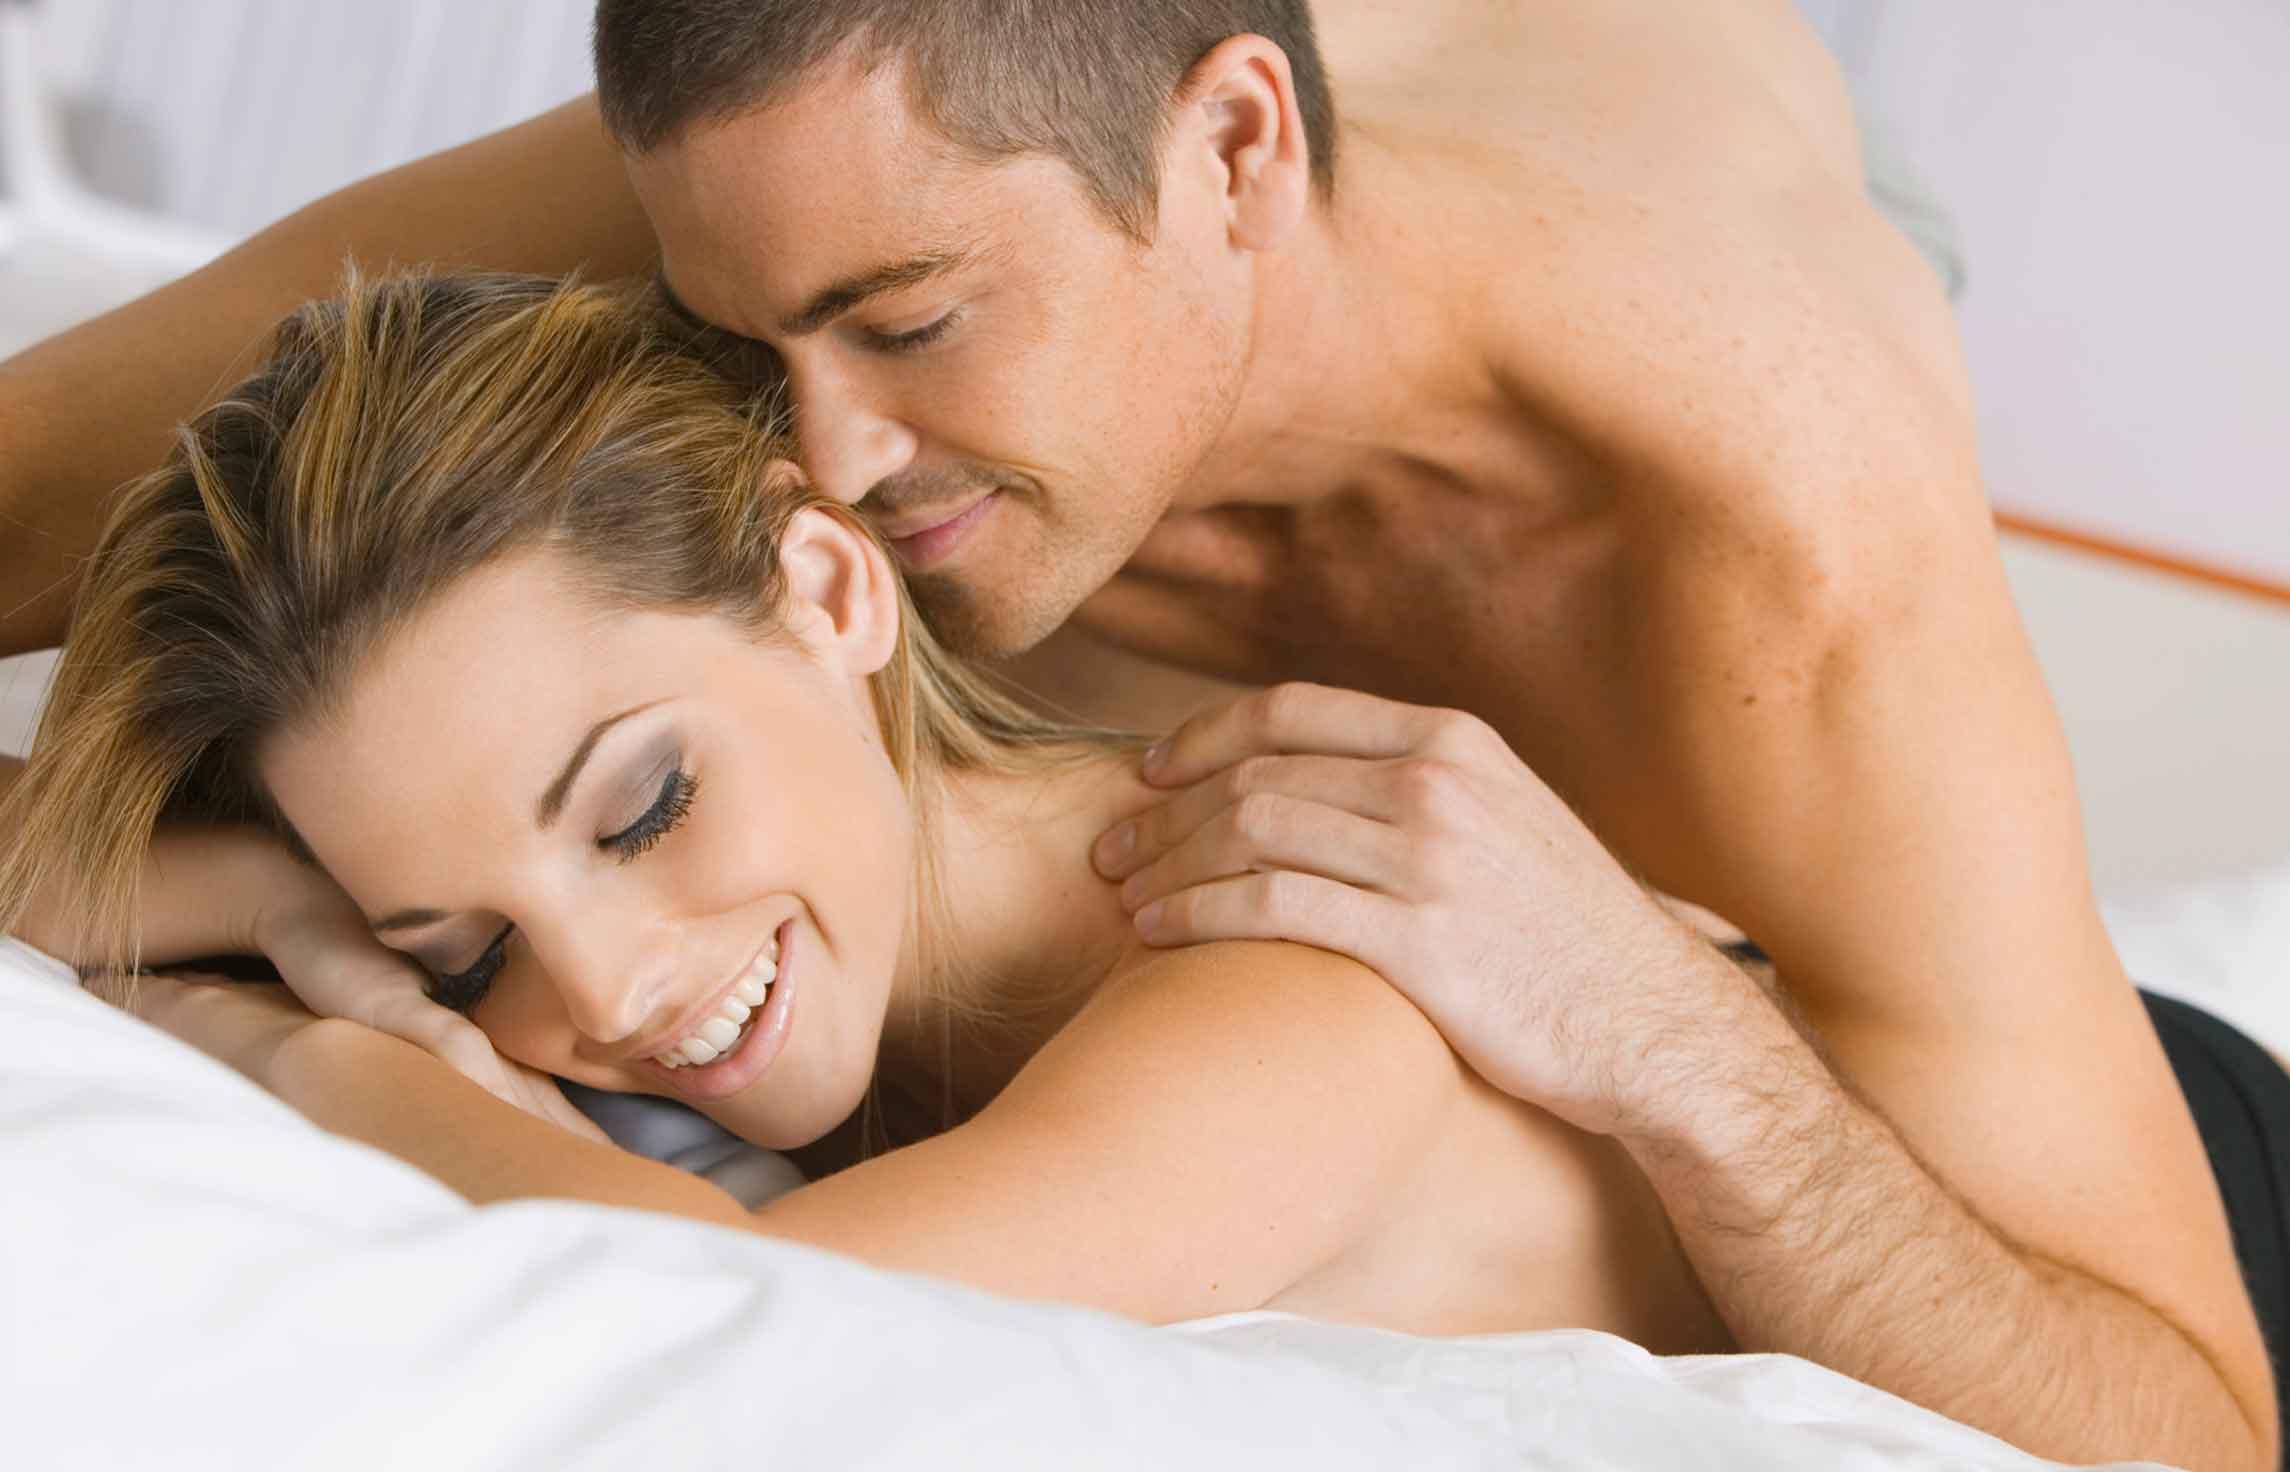 У парня первый секс в жизни, Что для парня значит первый секс 25 фотография